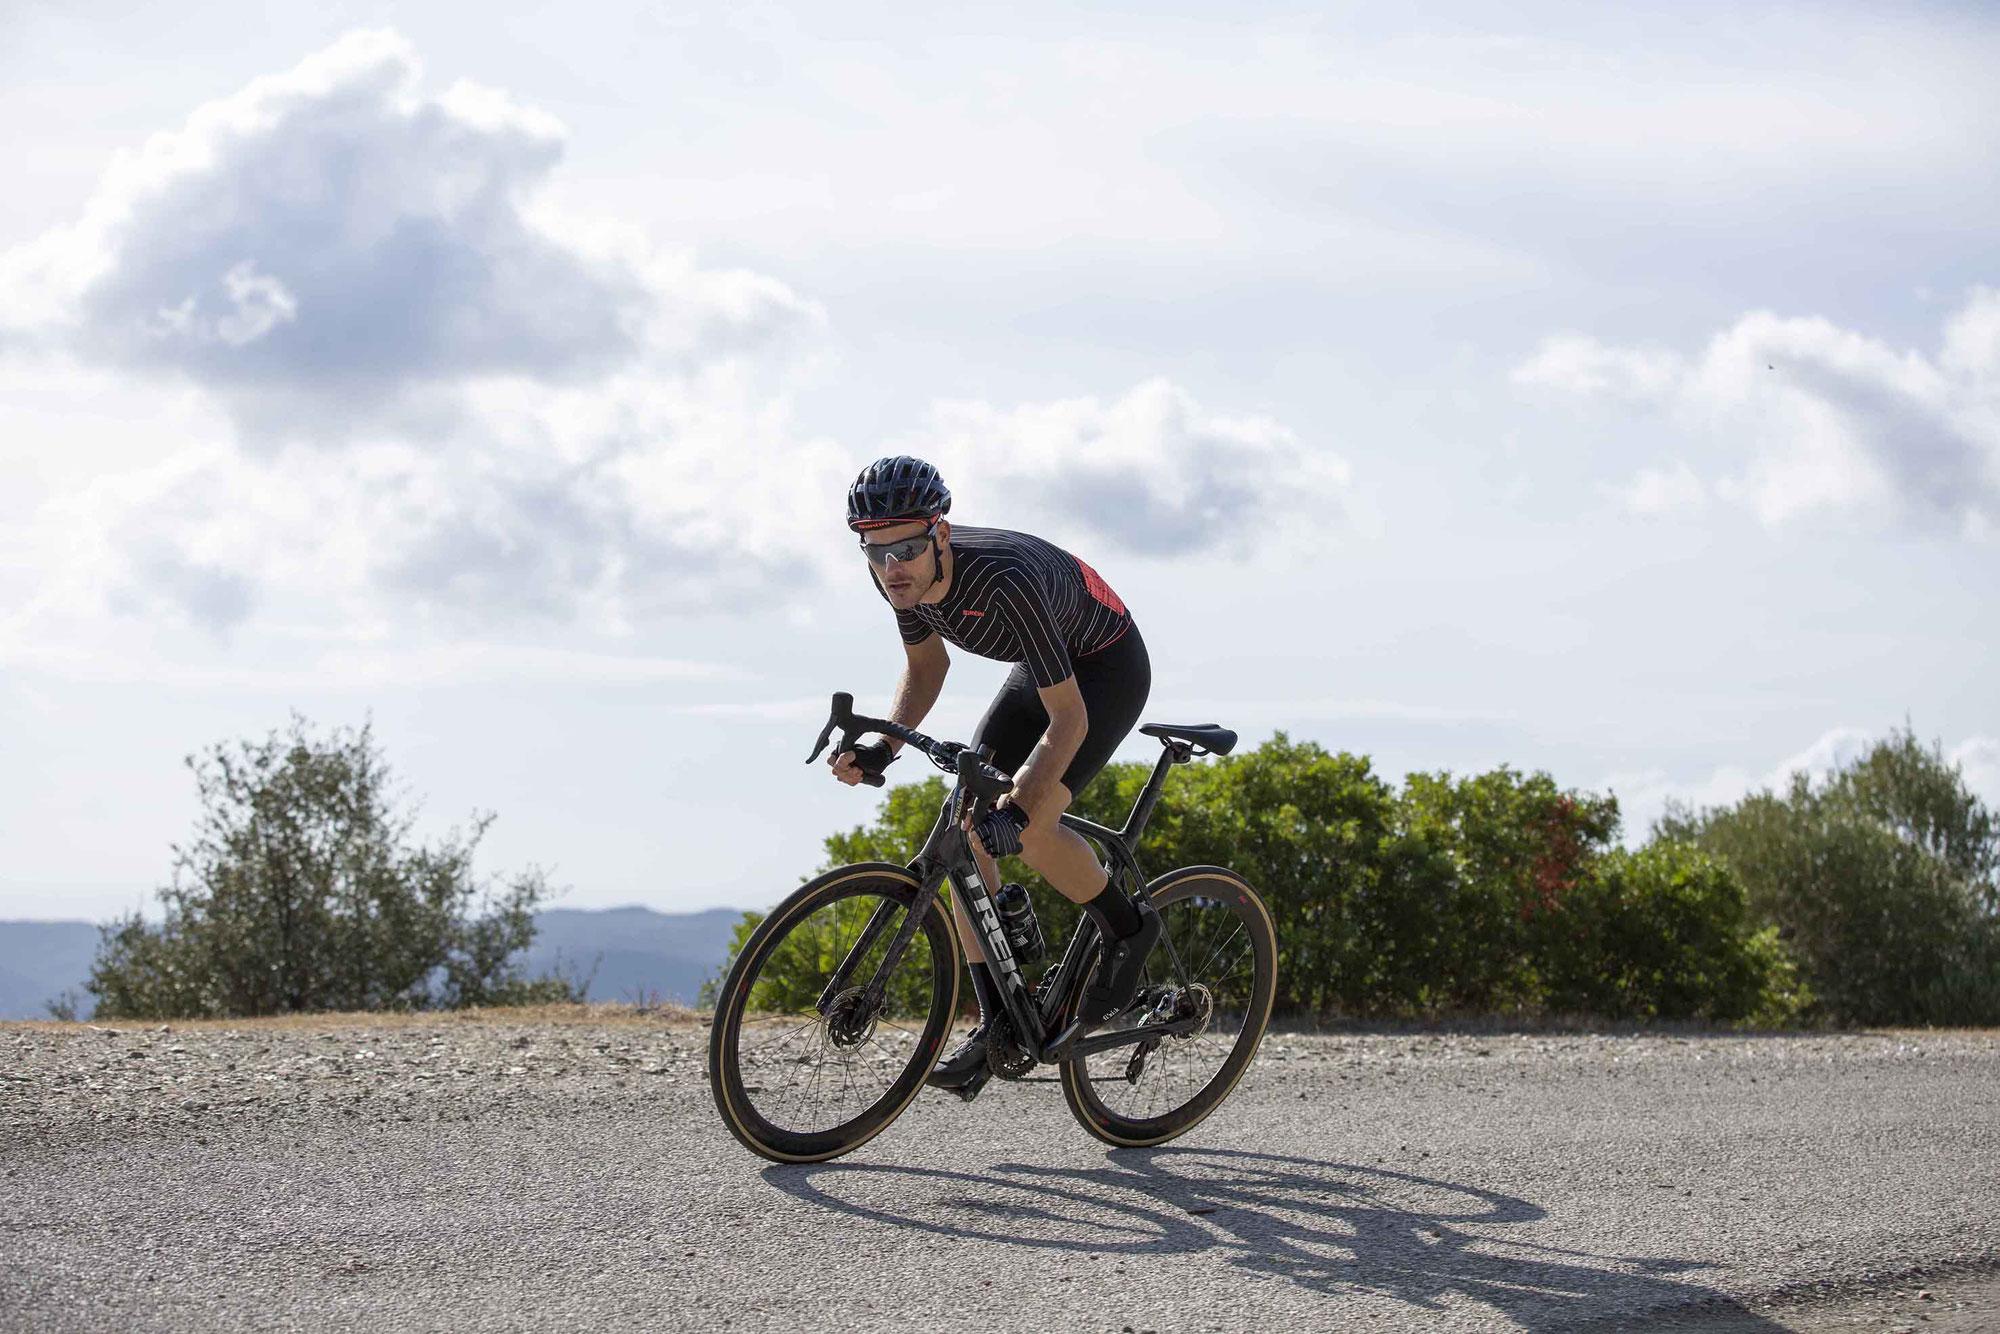 Fahrradsommer 2021: Santini trumpft mit Polartec und Umweltfreundlichkeit